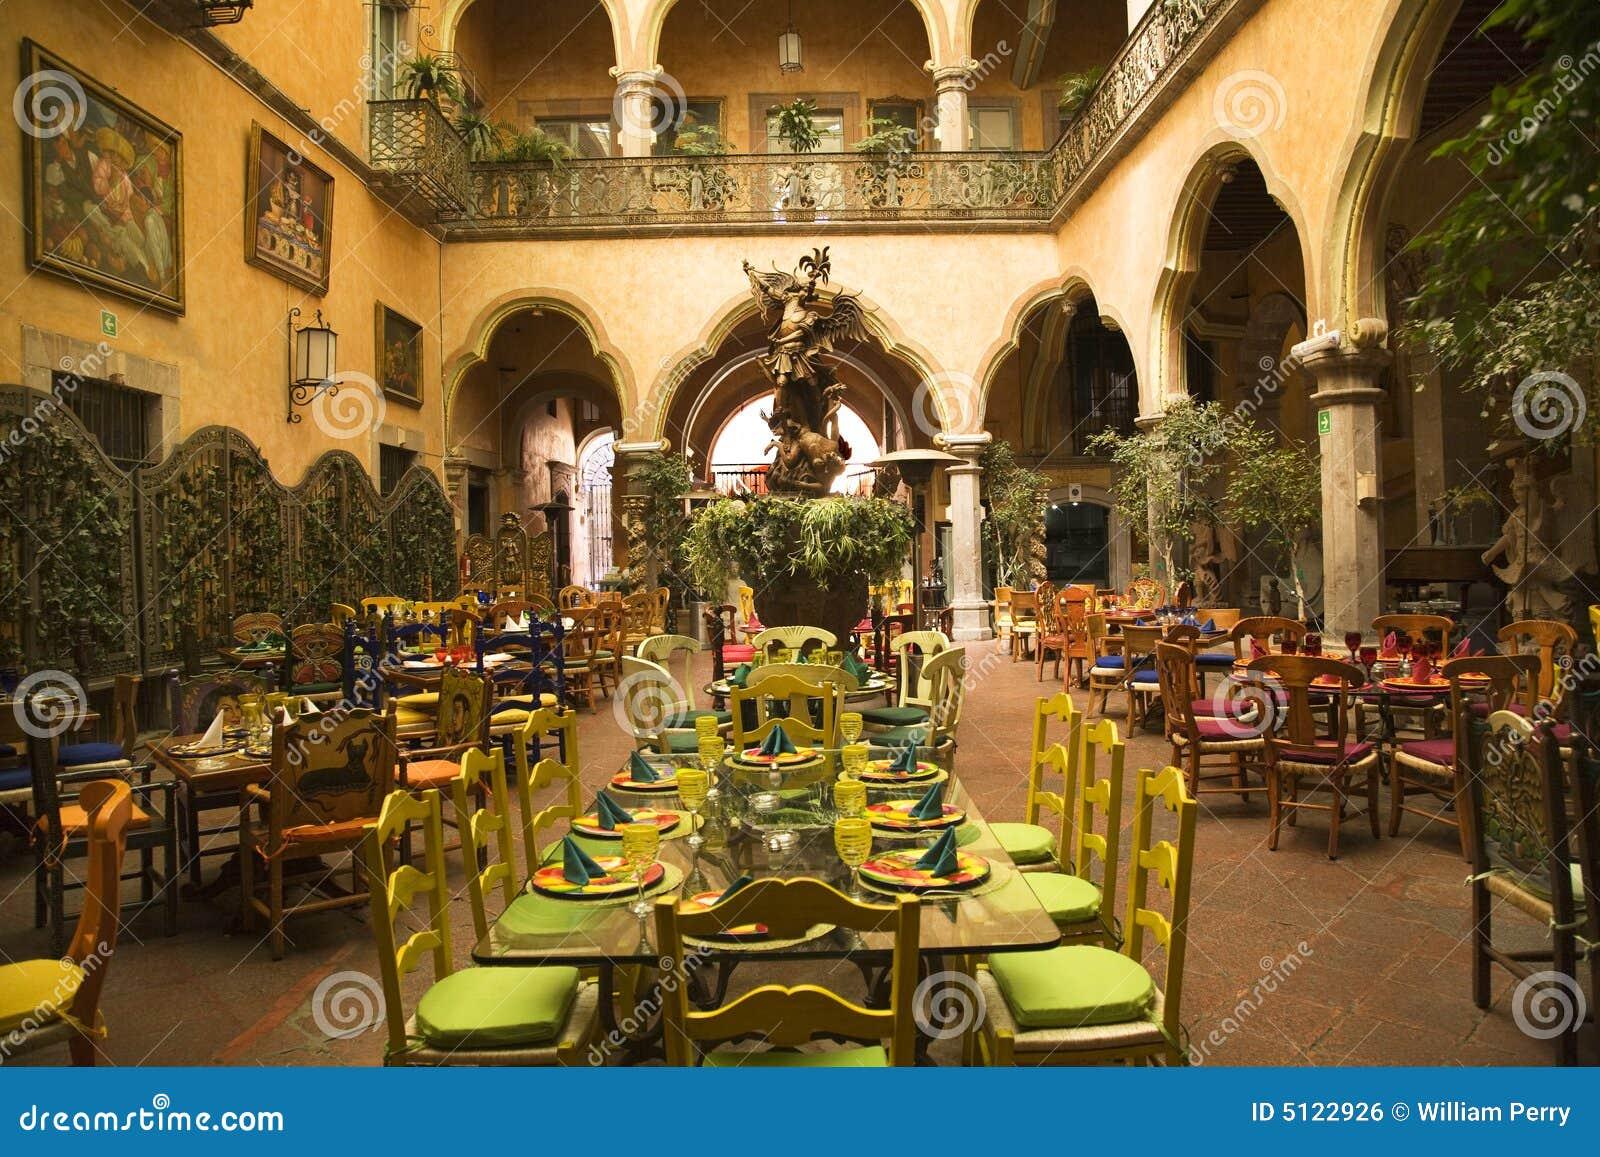 Restaurante mexicano queretaro m xico del patio foto de for Los azulejos restaurante mexicano